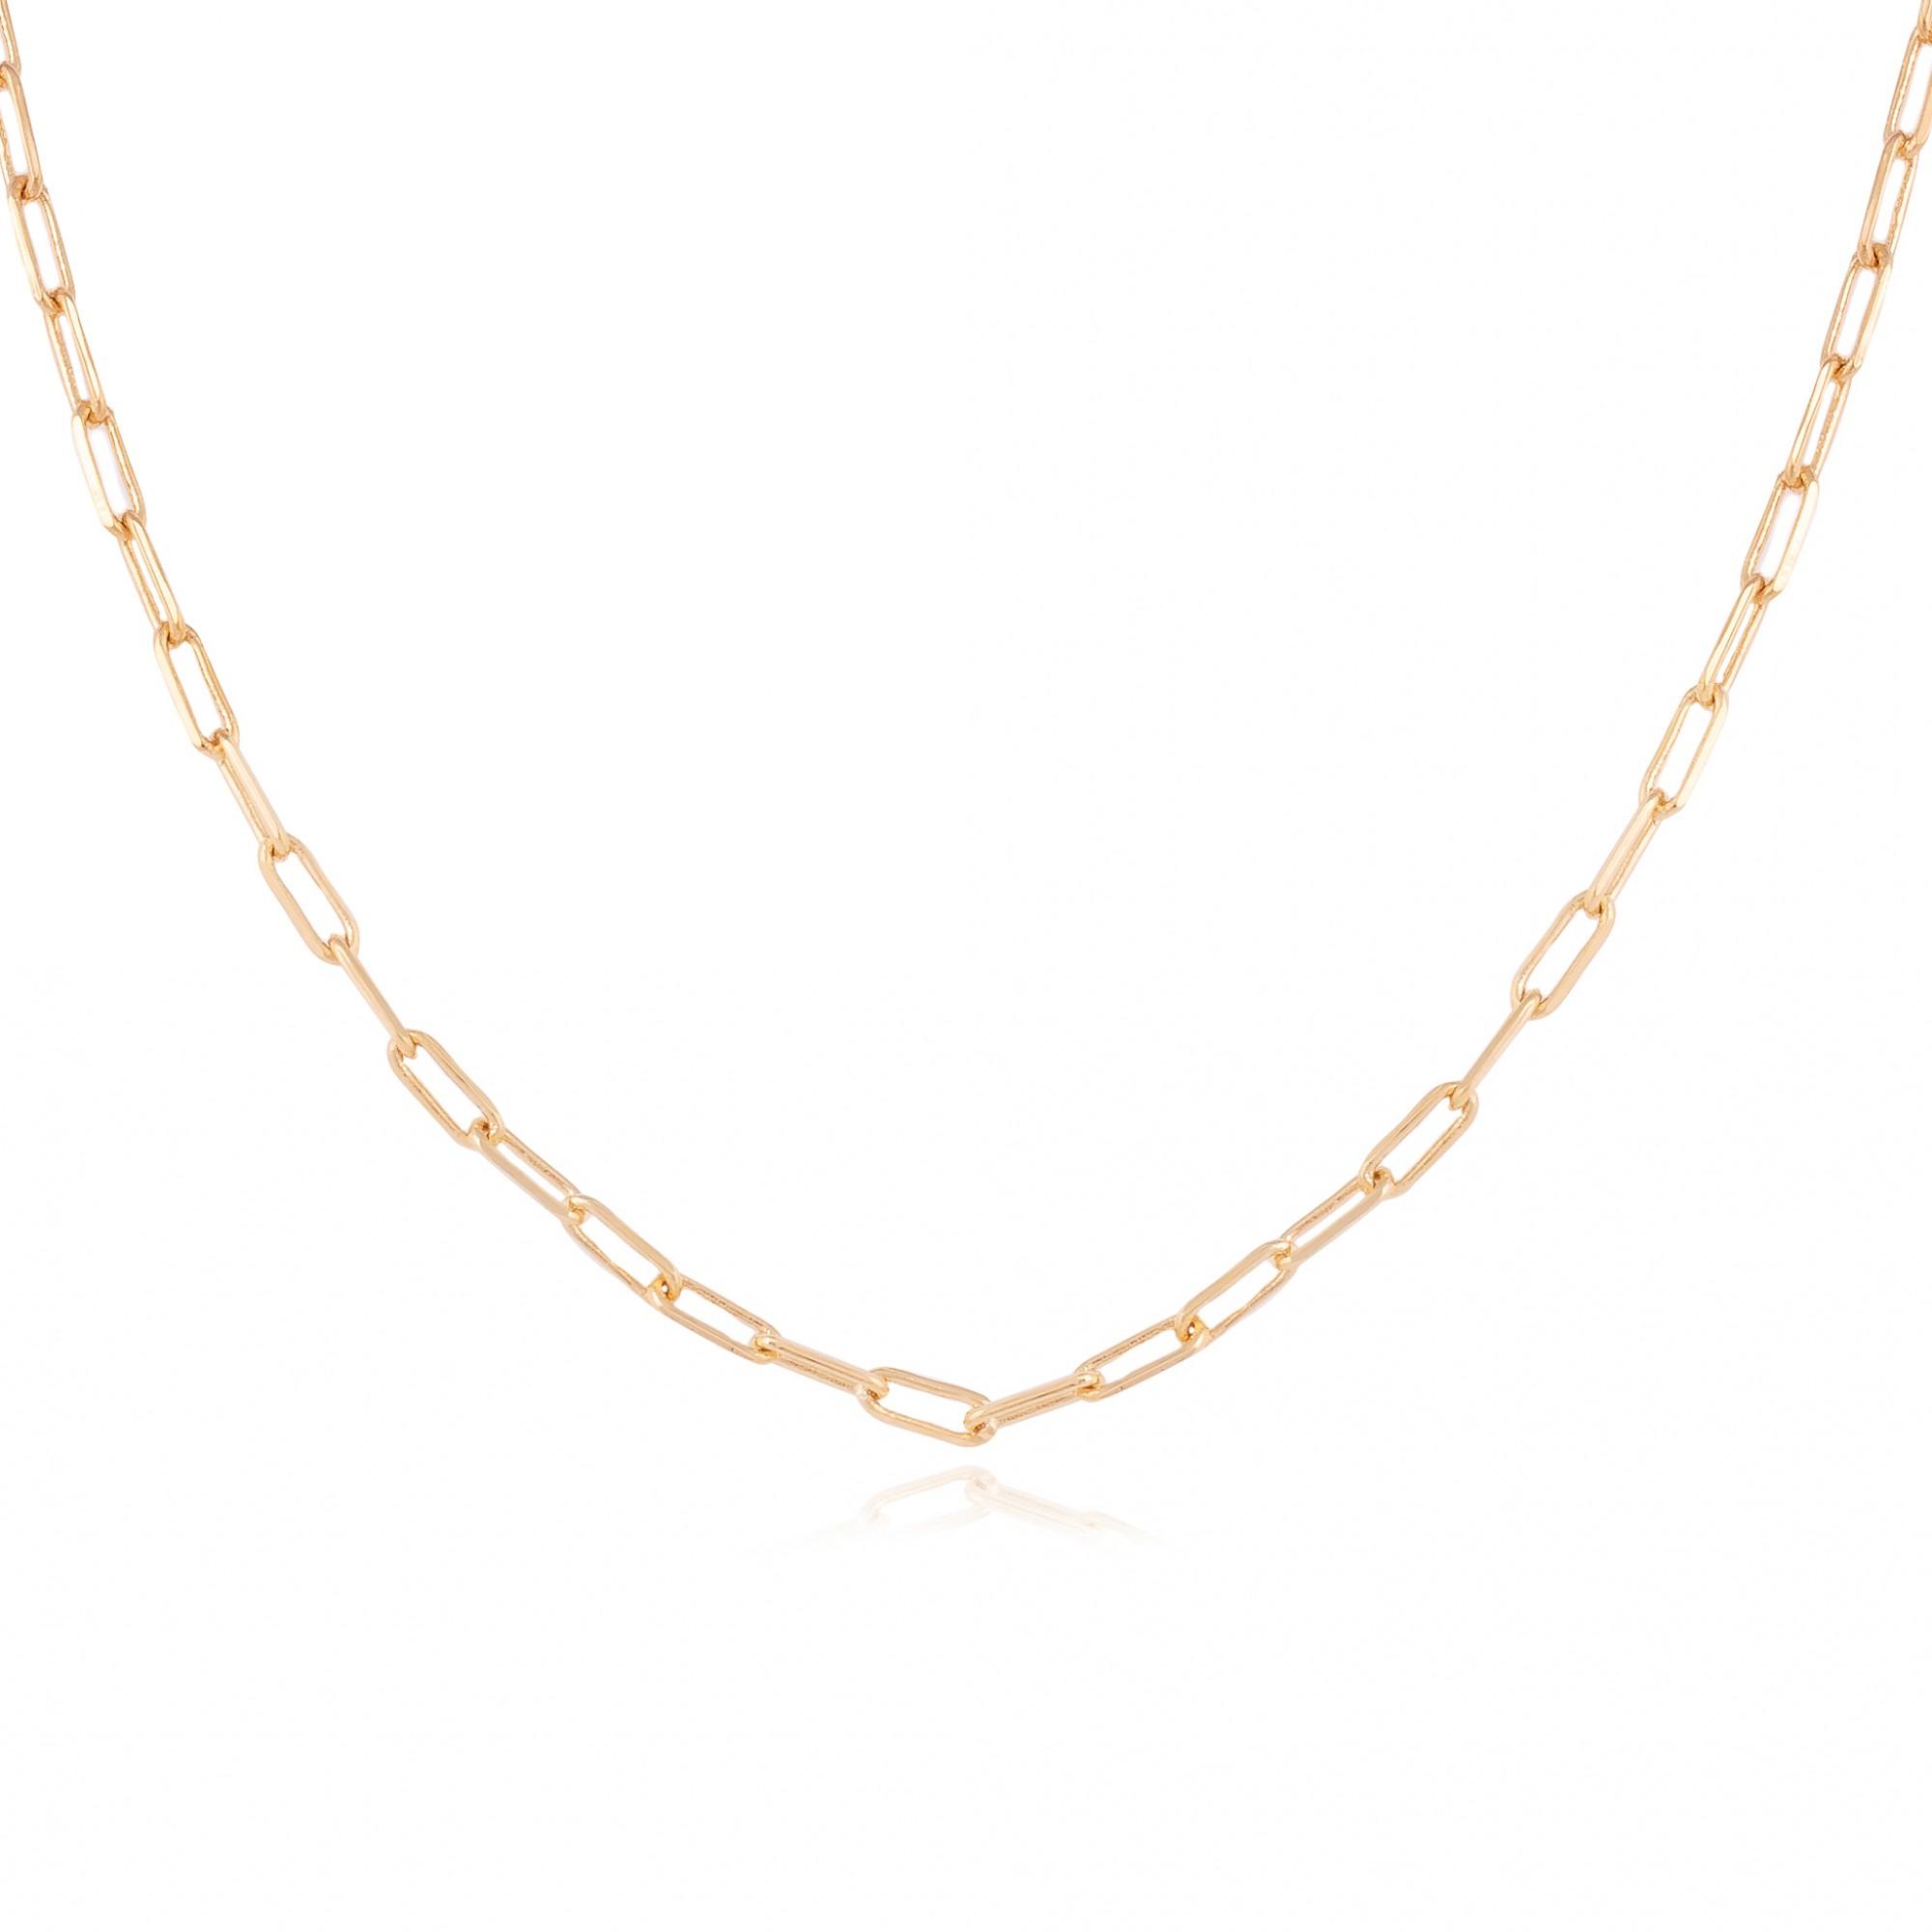 Colar cartier fina 45cm banhado a ouro 18k.  - romabrazil.com.br